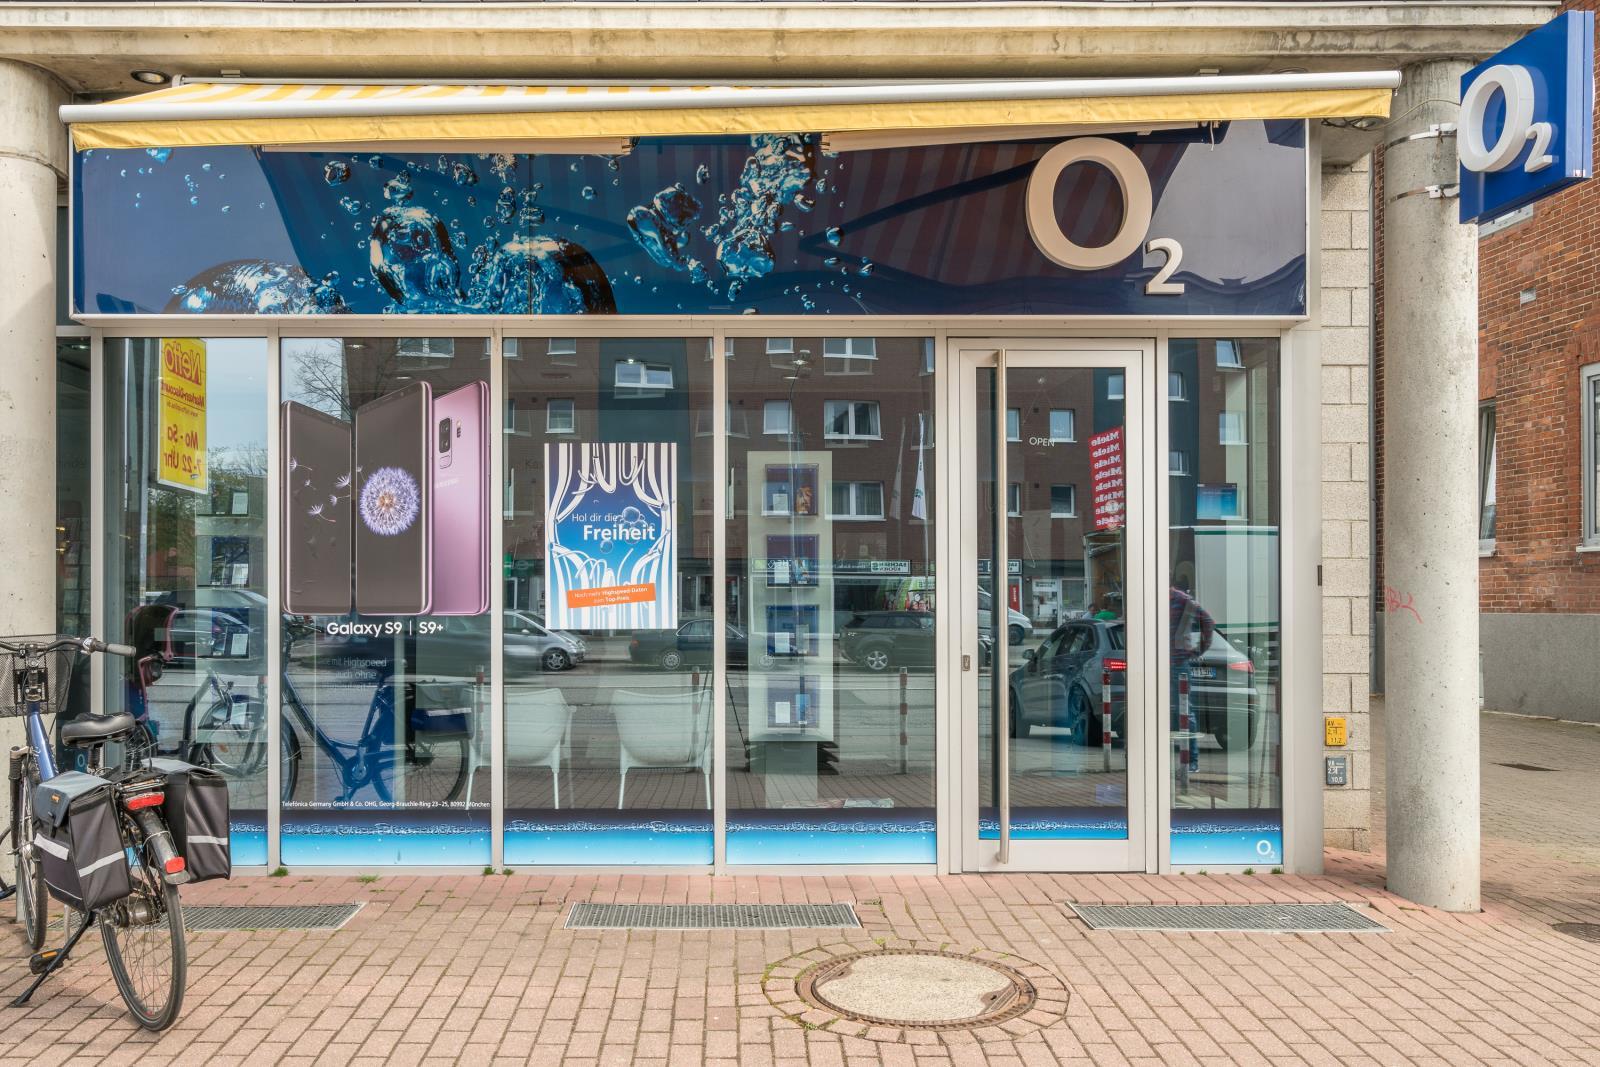 o2 Shop, Fackenburger Allee 52 in Lübeck